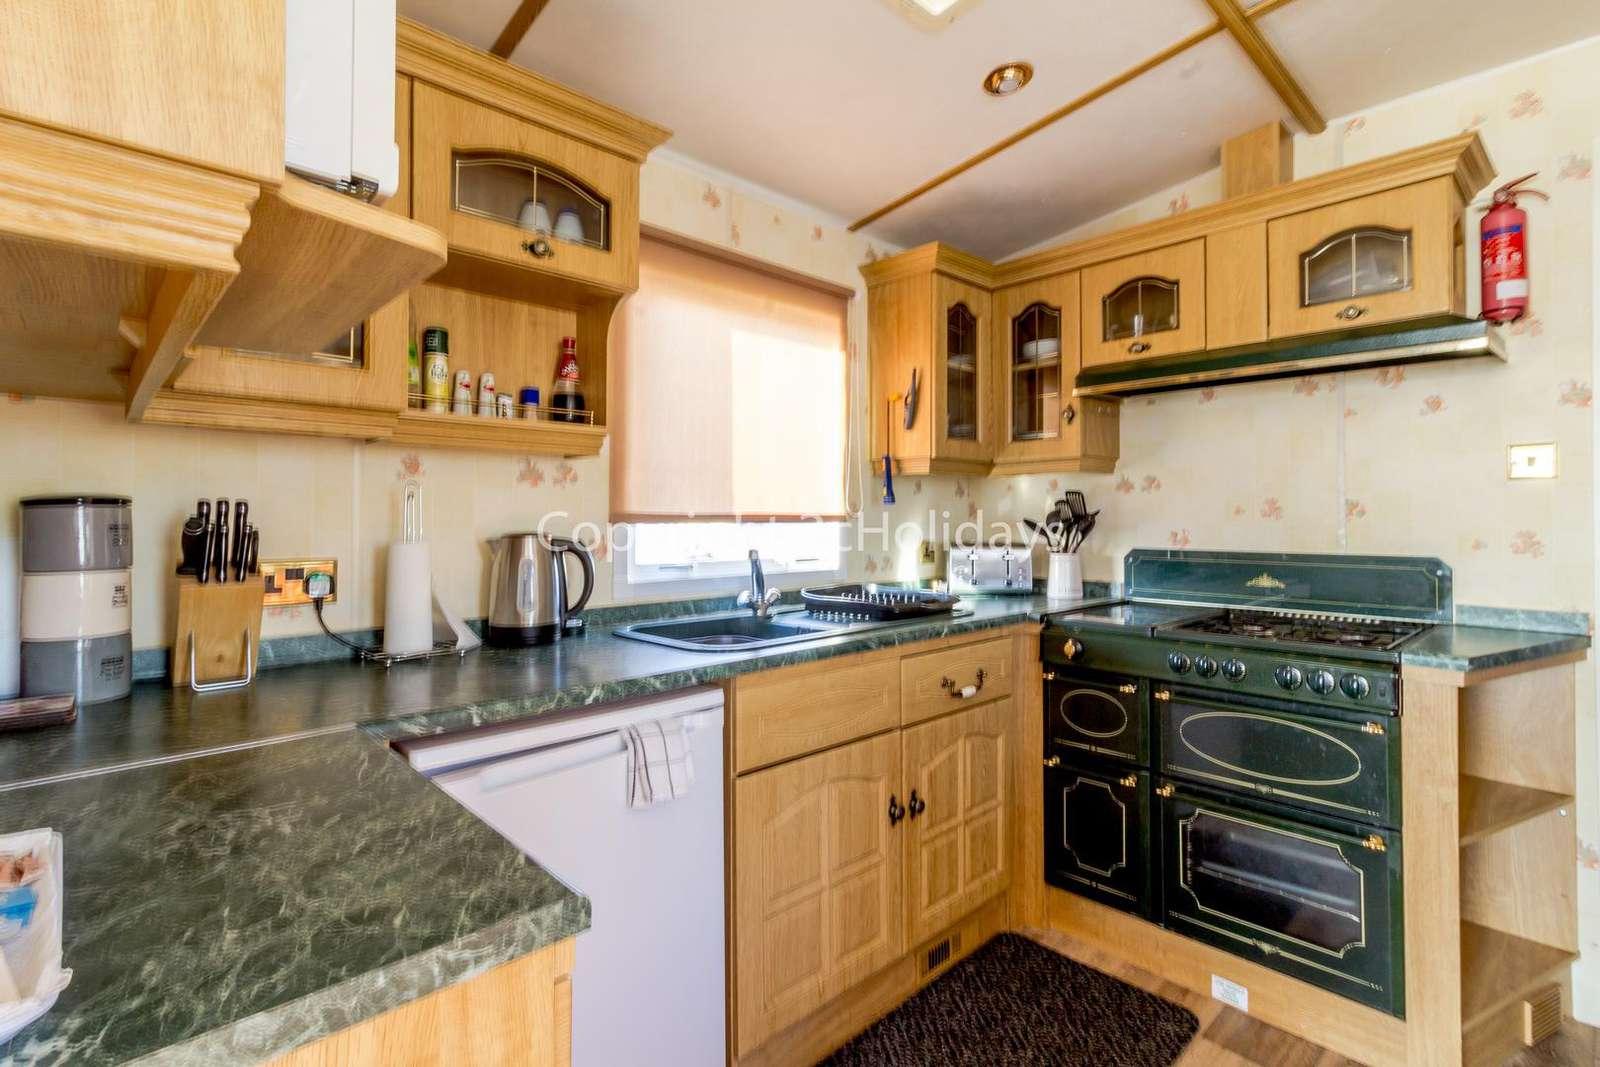 Great kitchen area!